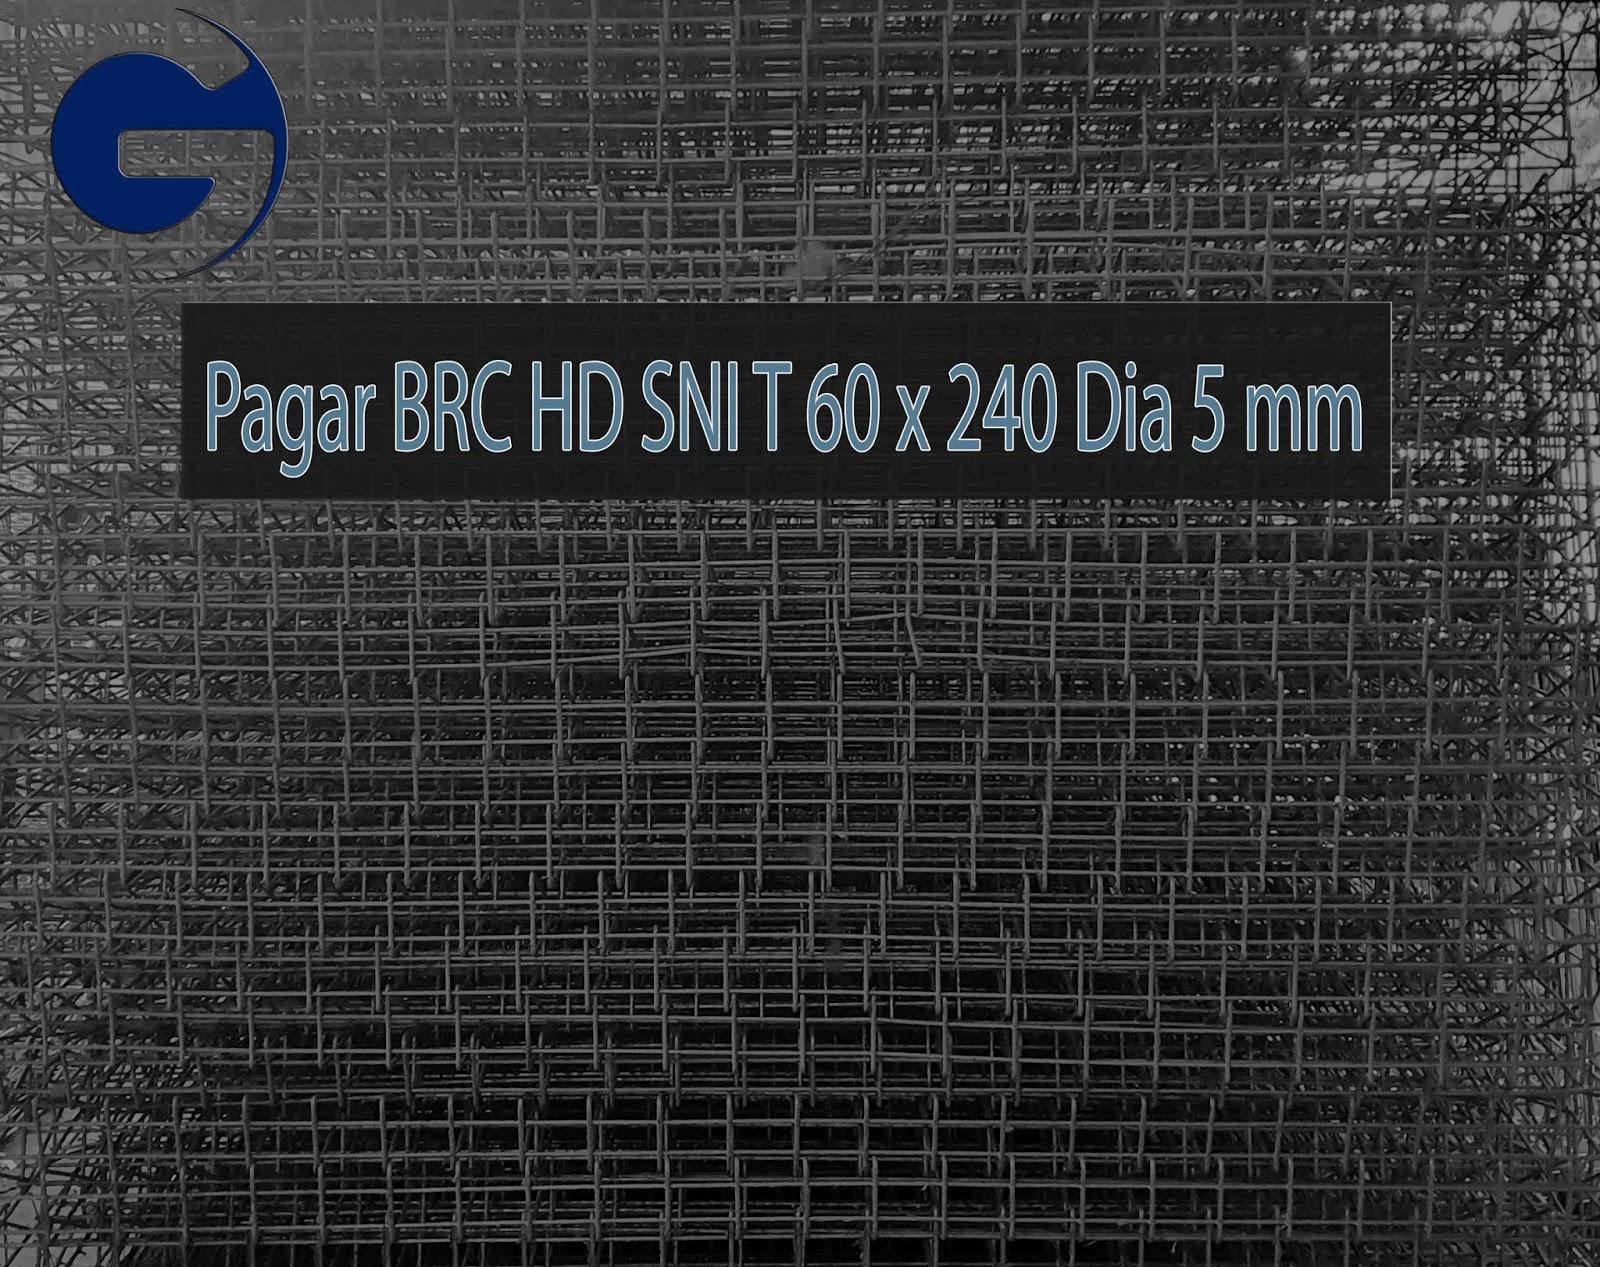 Jual pagar BRC HD SNI T 60 x 240 Dia 5 mm